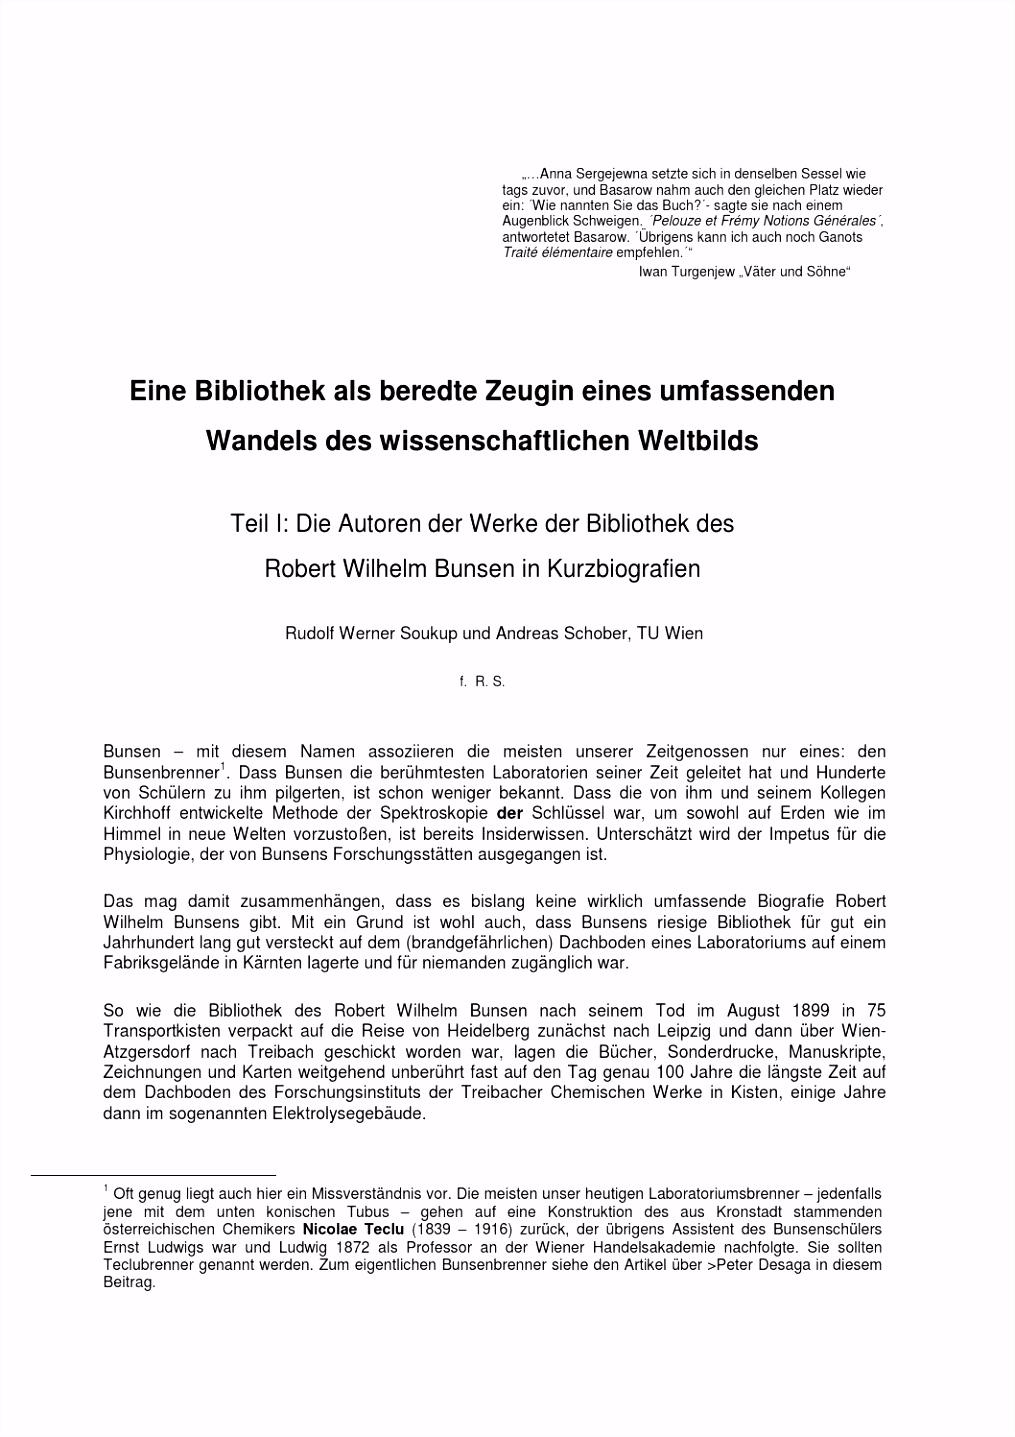 Hausbau Angebote Einholen Vorlage Autoren Der Bunsenbibliothek Teil 1 by Auer Von Welsbach Museum issuu N4hq60wyk3 I2ru2mtsgu